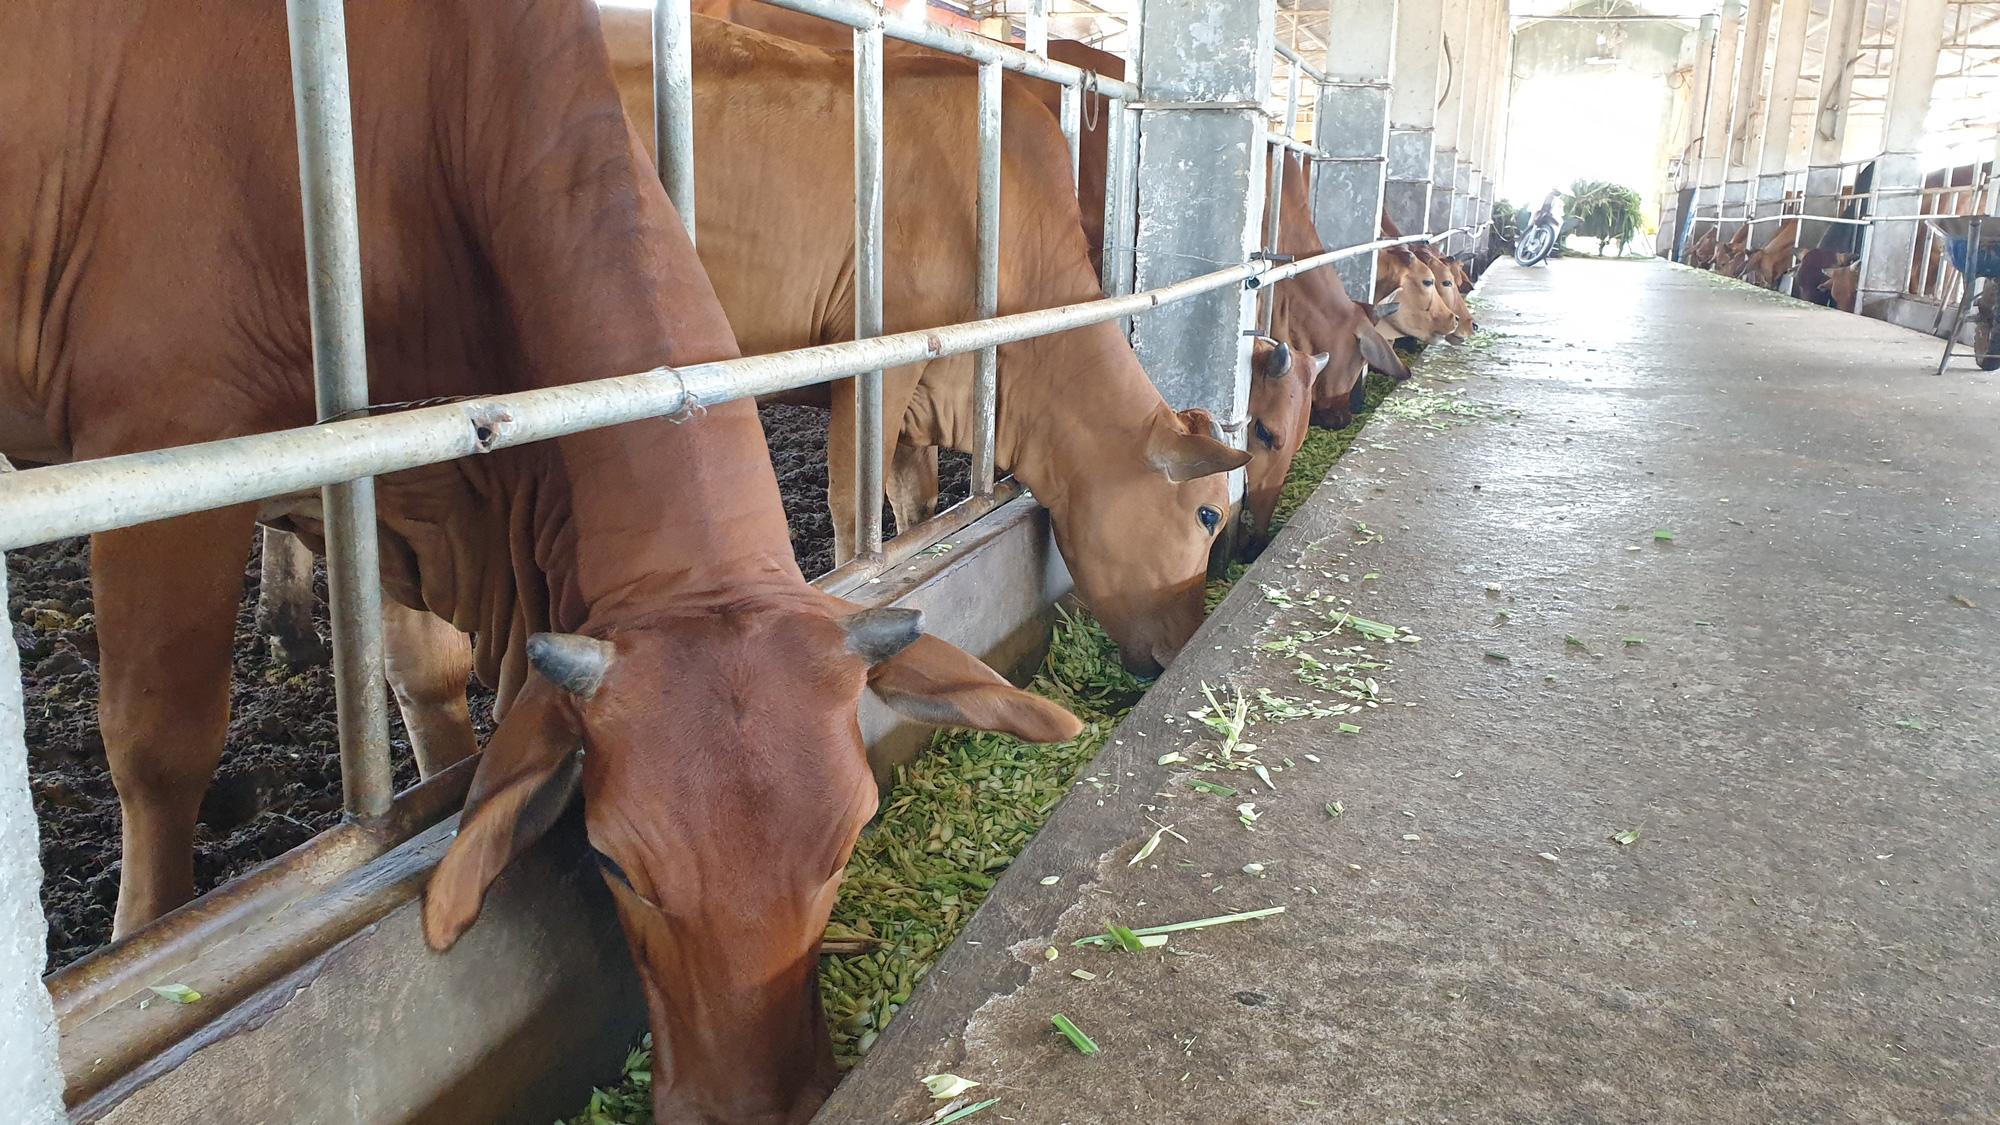 Thái Bình: Đại gia bất động sản bỏ phố về quê ....trồng cỏ, nuôi bò - Ảnh 4.